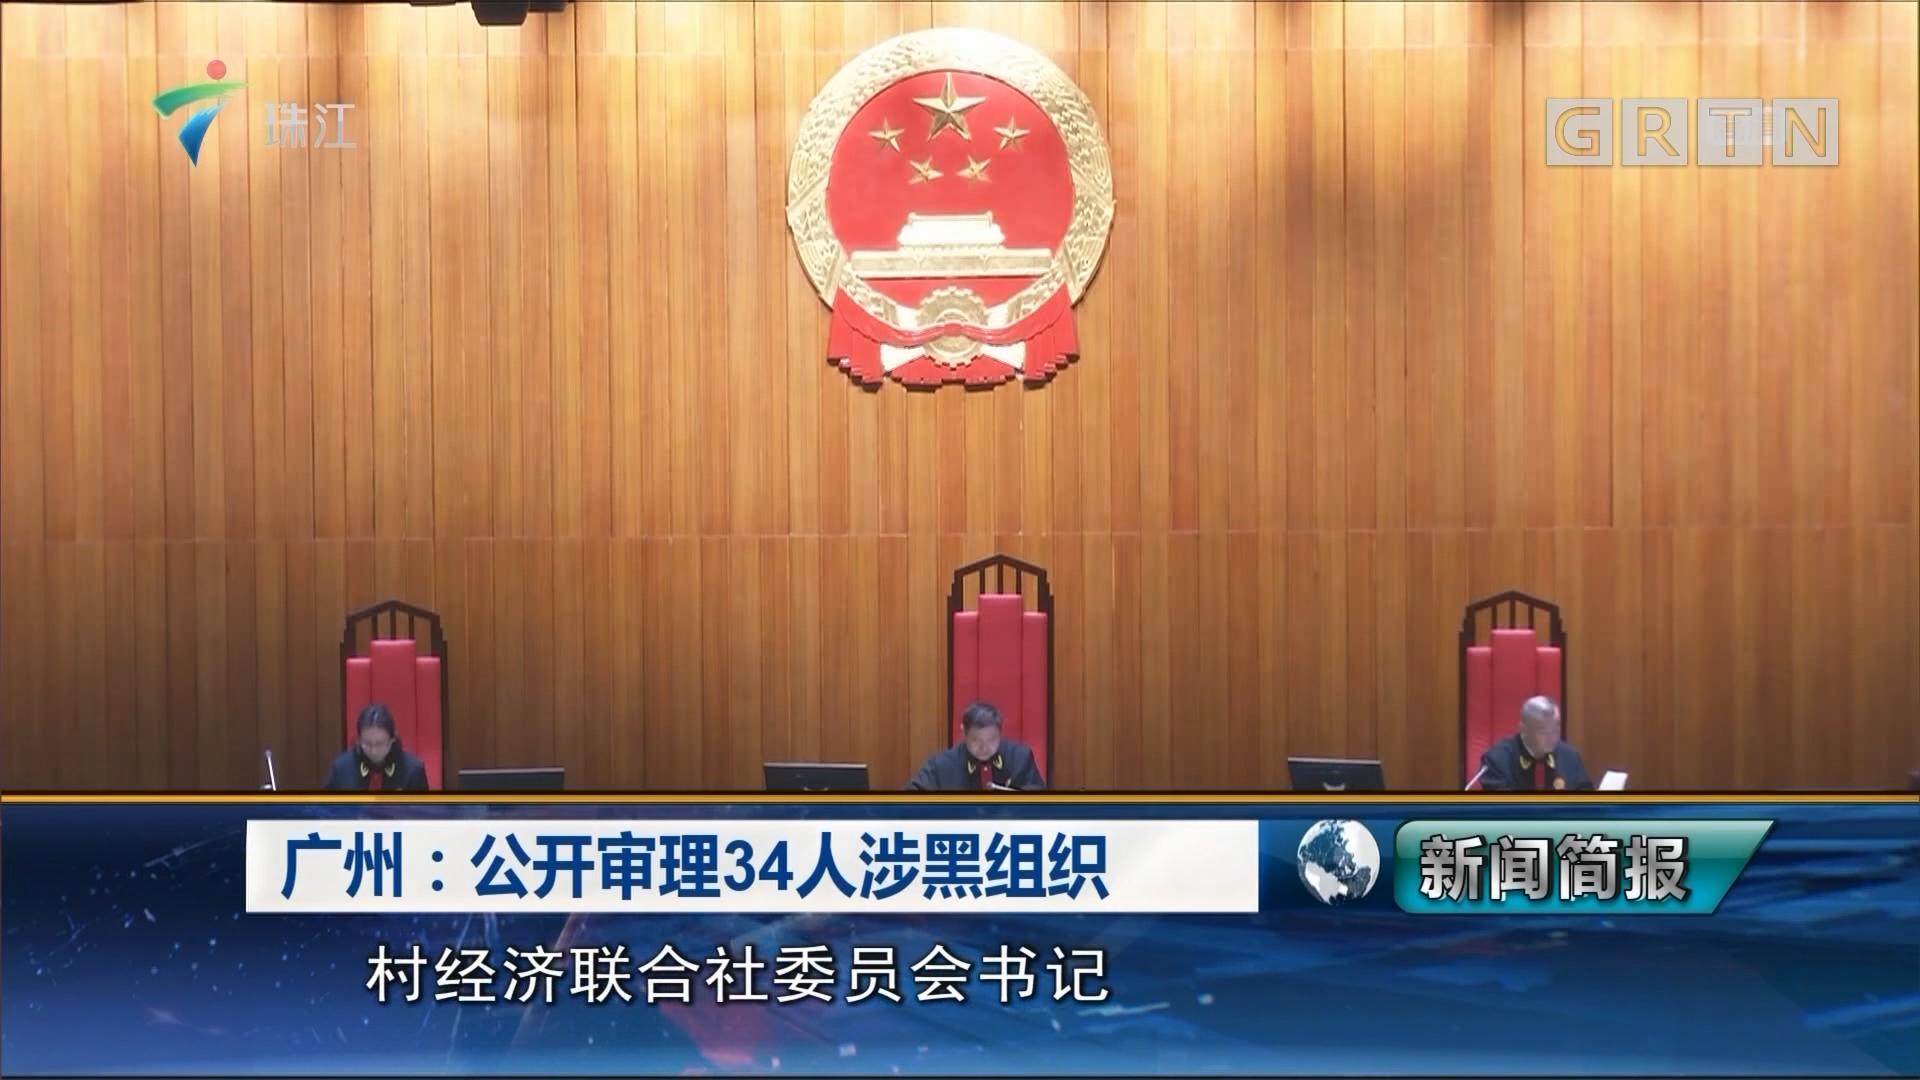 广州:公开审理34人涉黑组织